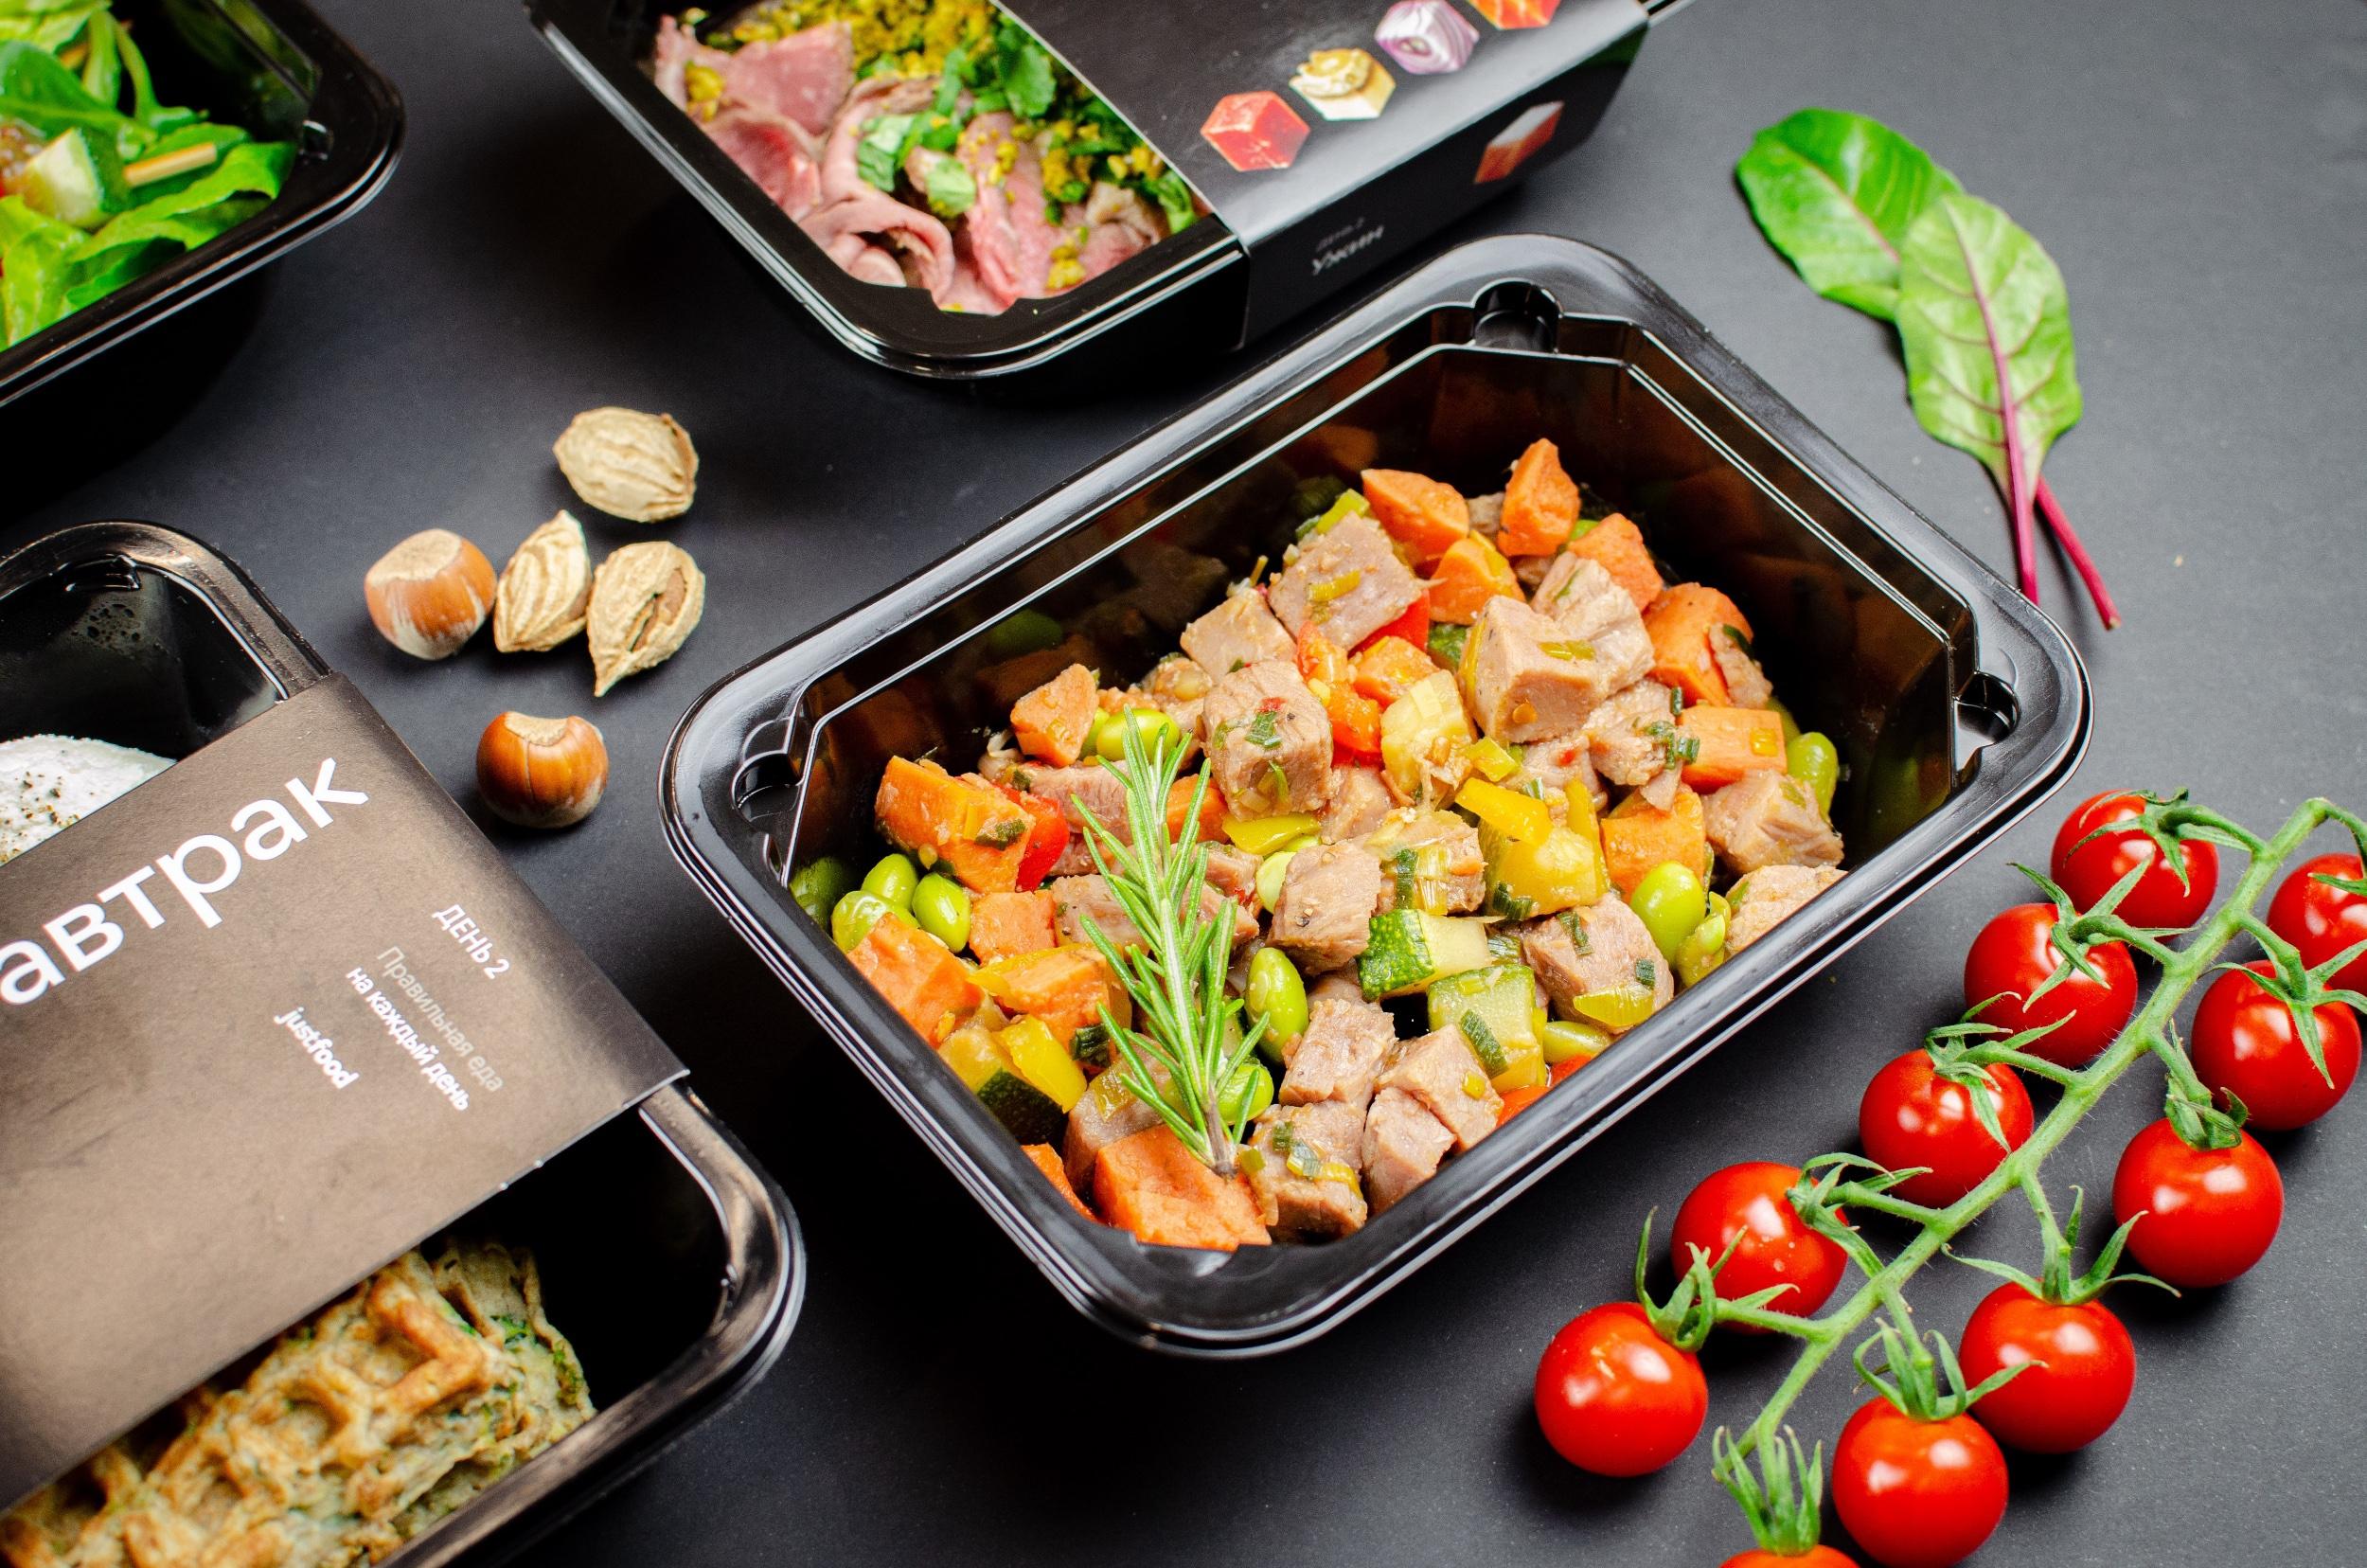 еда от доставки justfood